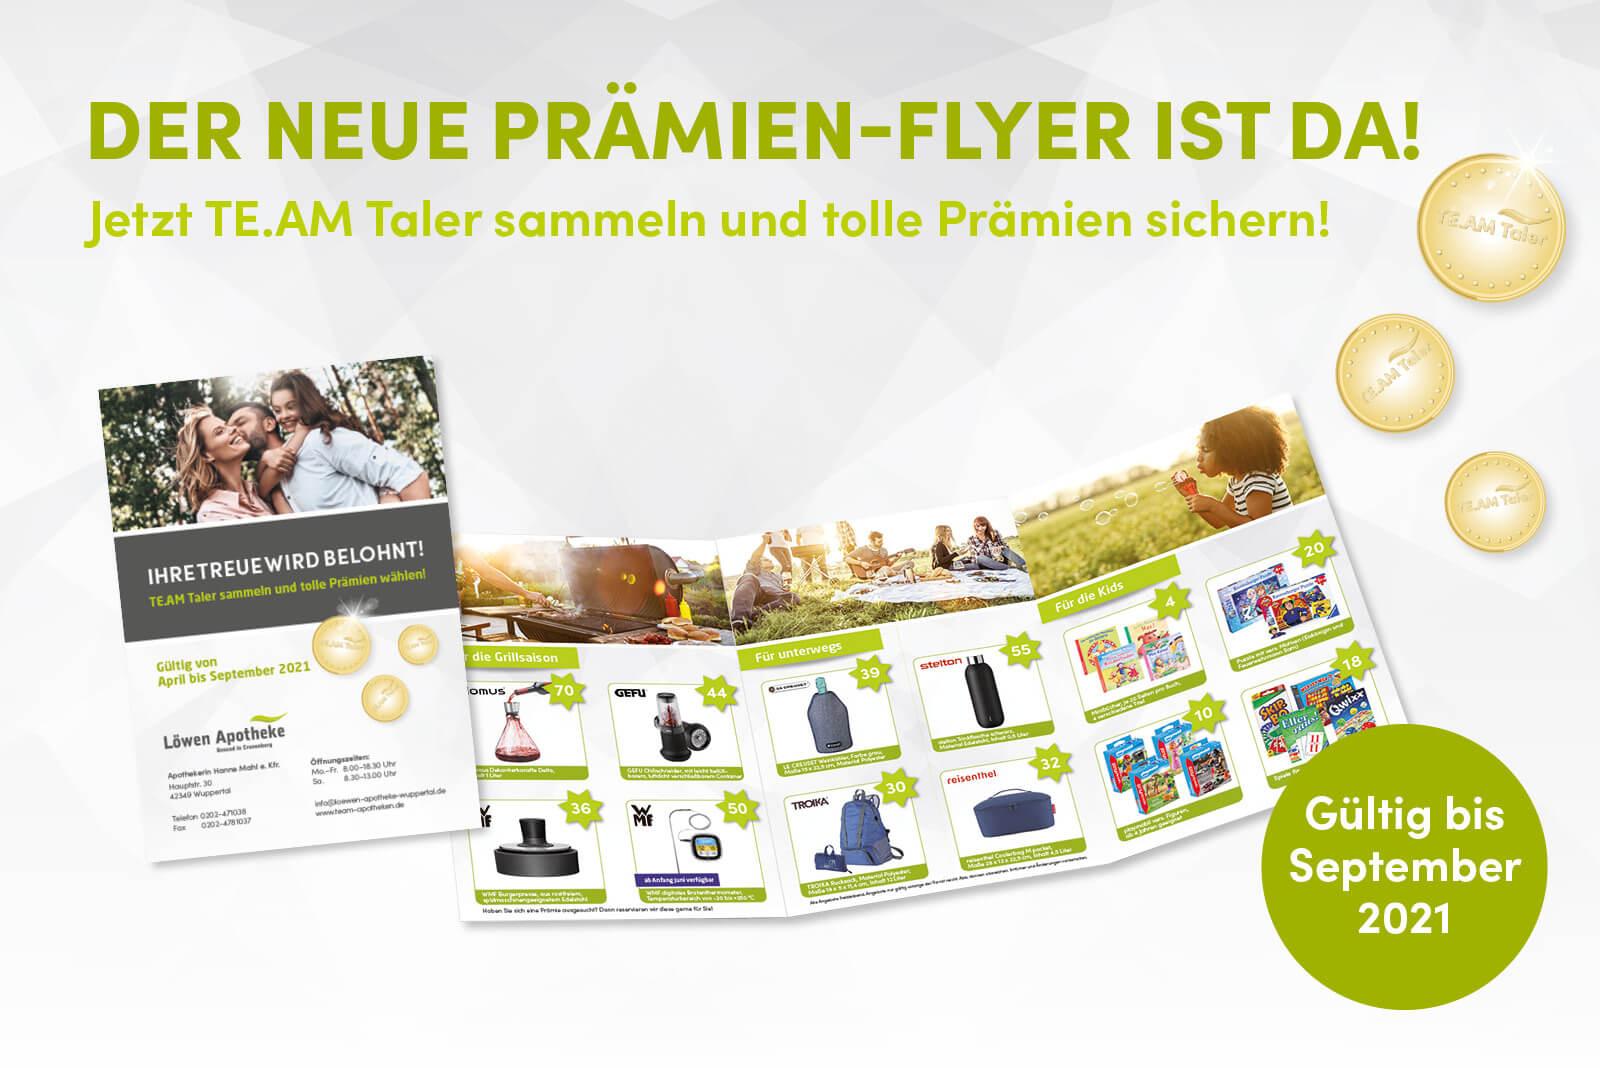 Prämien-Flyer April-September 2021 Löwen Apotheke Wuppertal